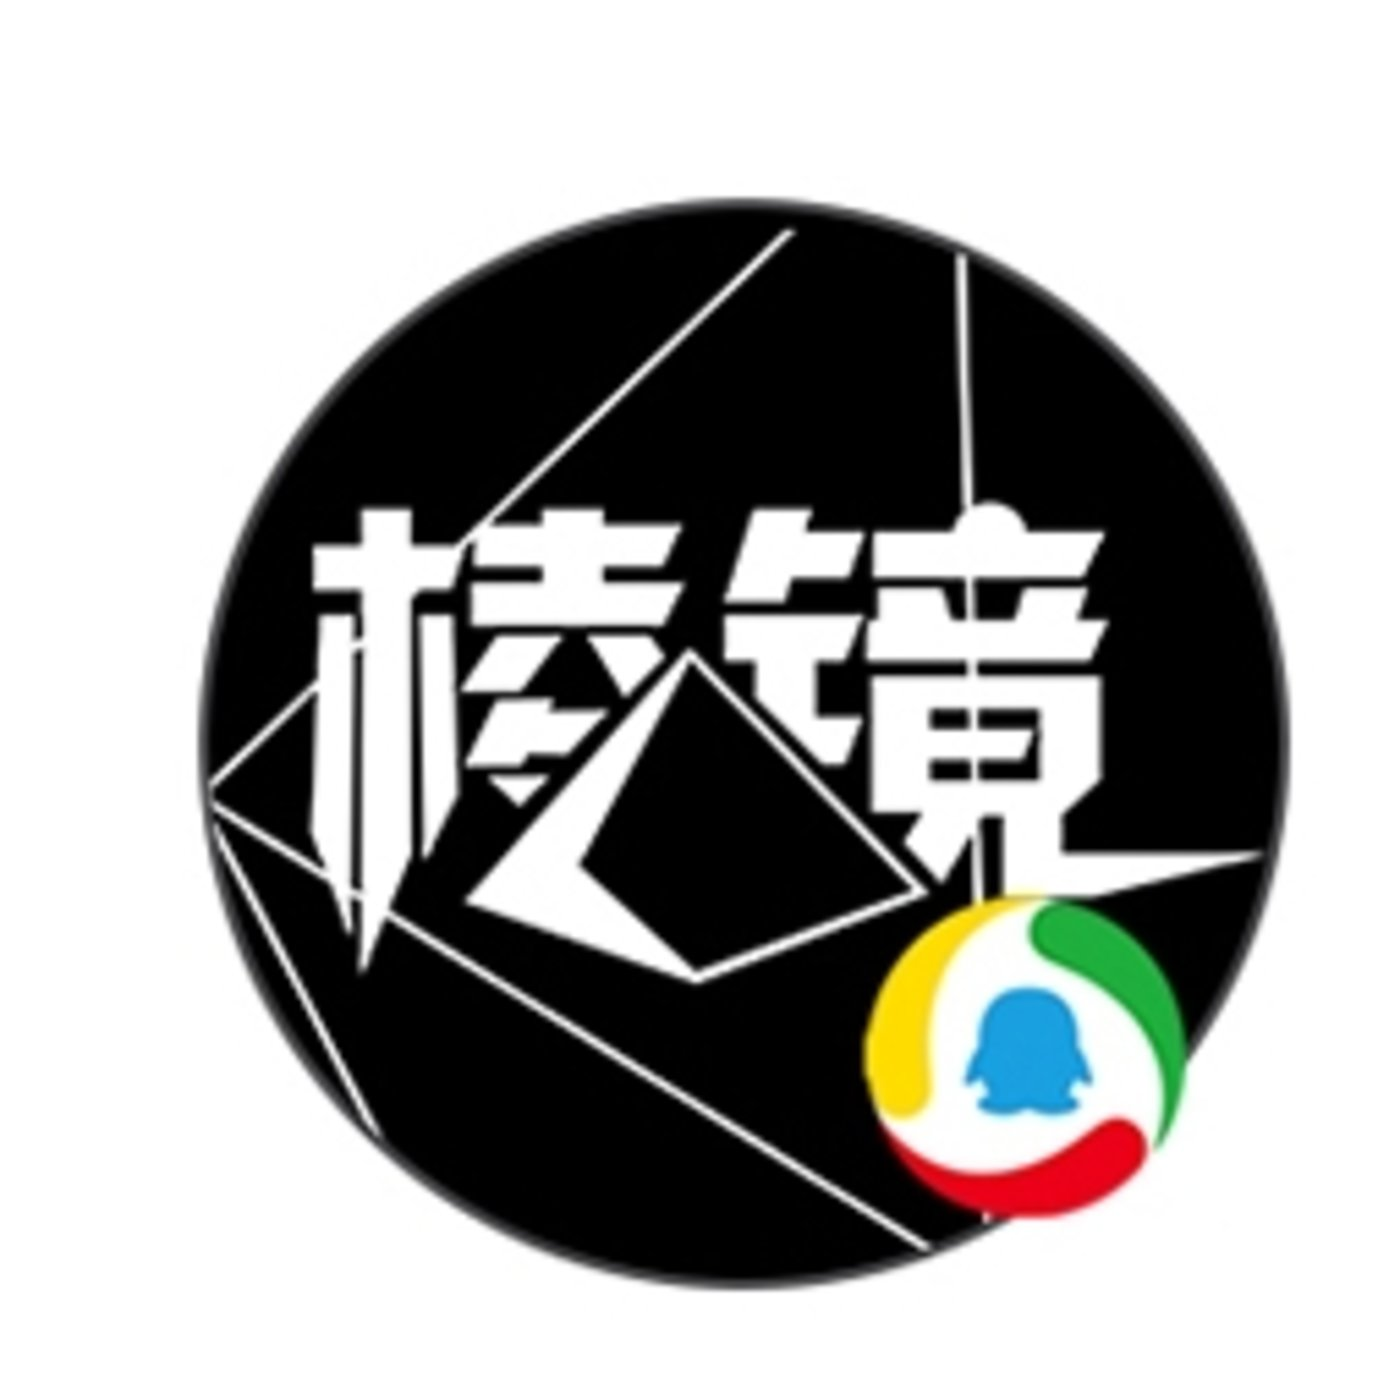 腾讯新闻棱镜深网